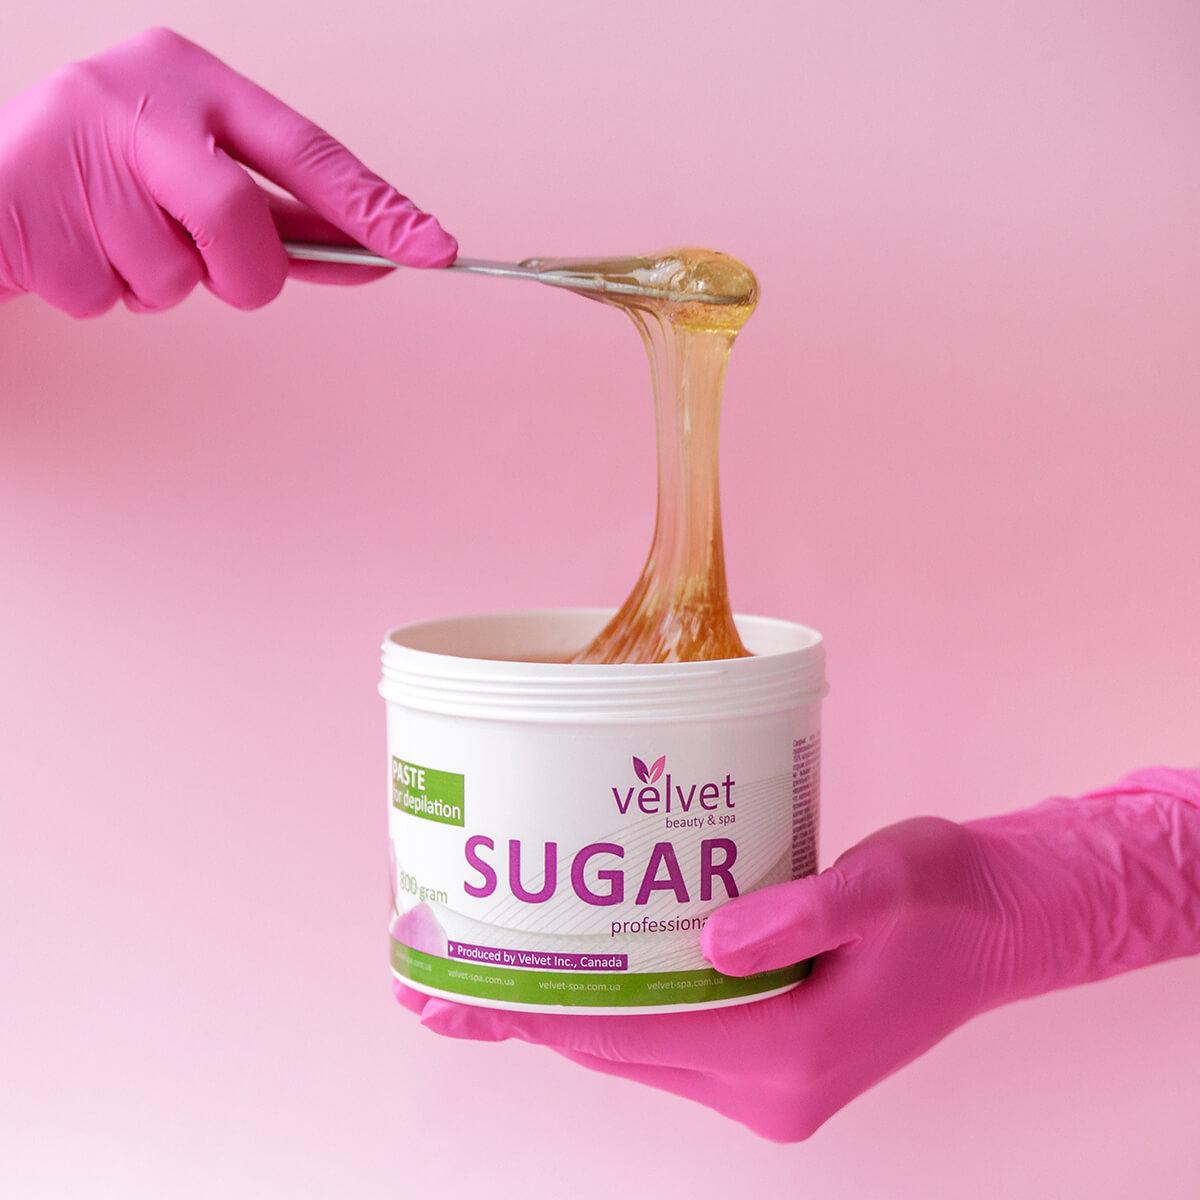 фото мягкой сахарной пасты velvet